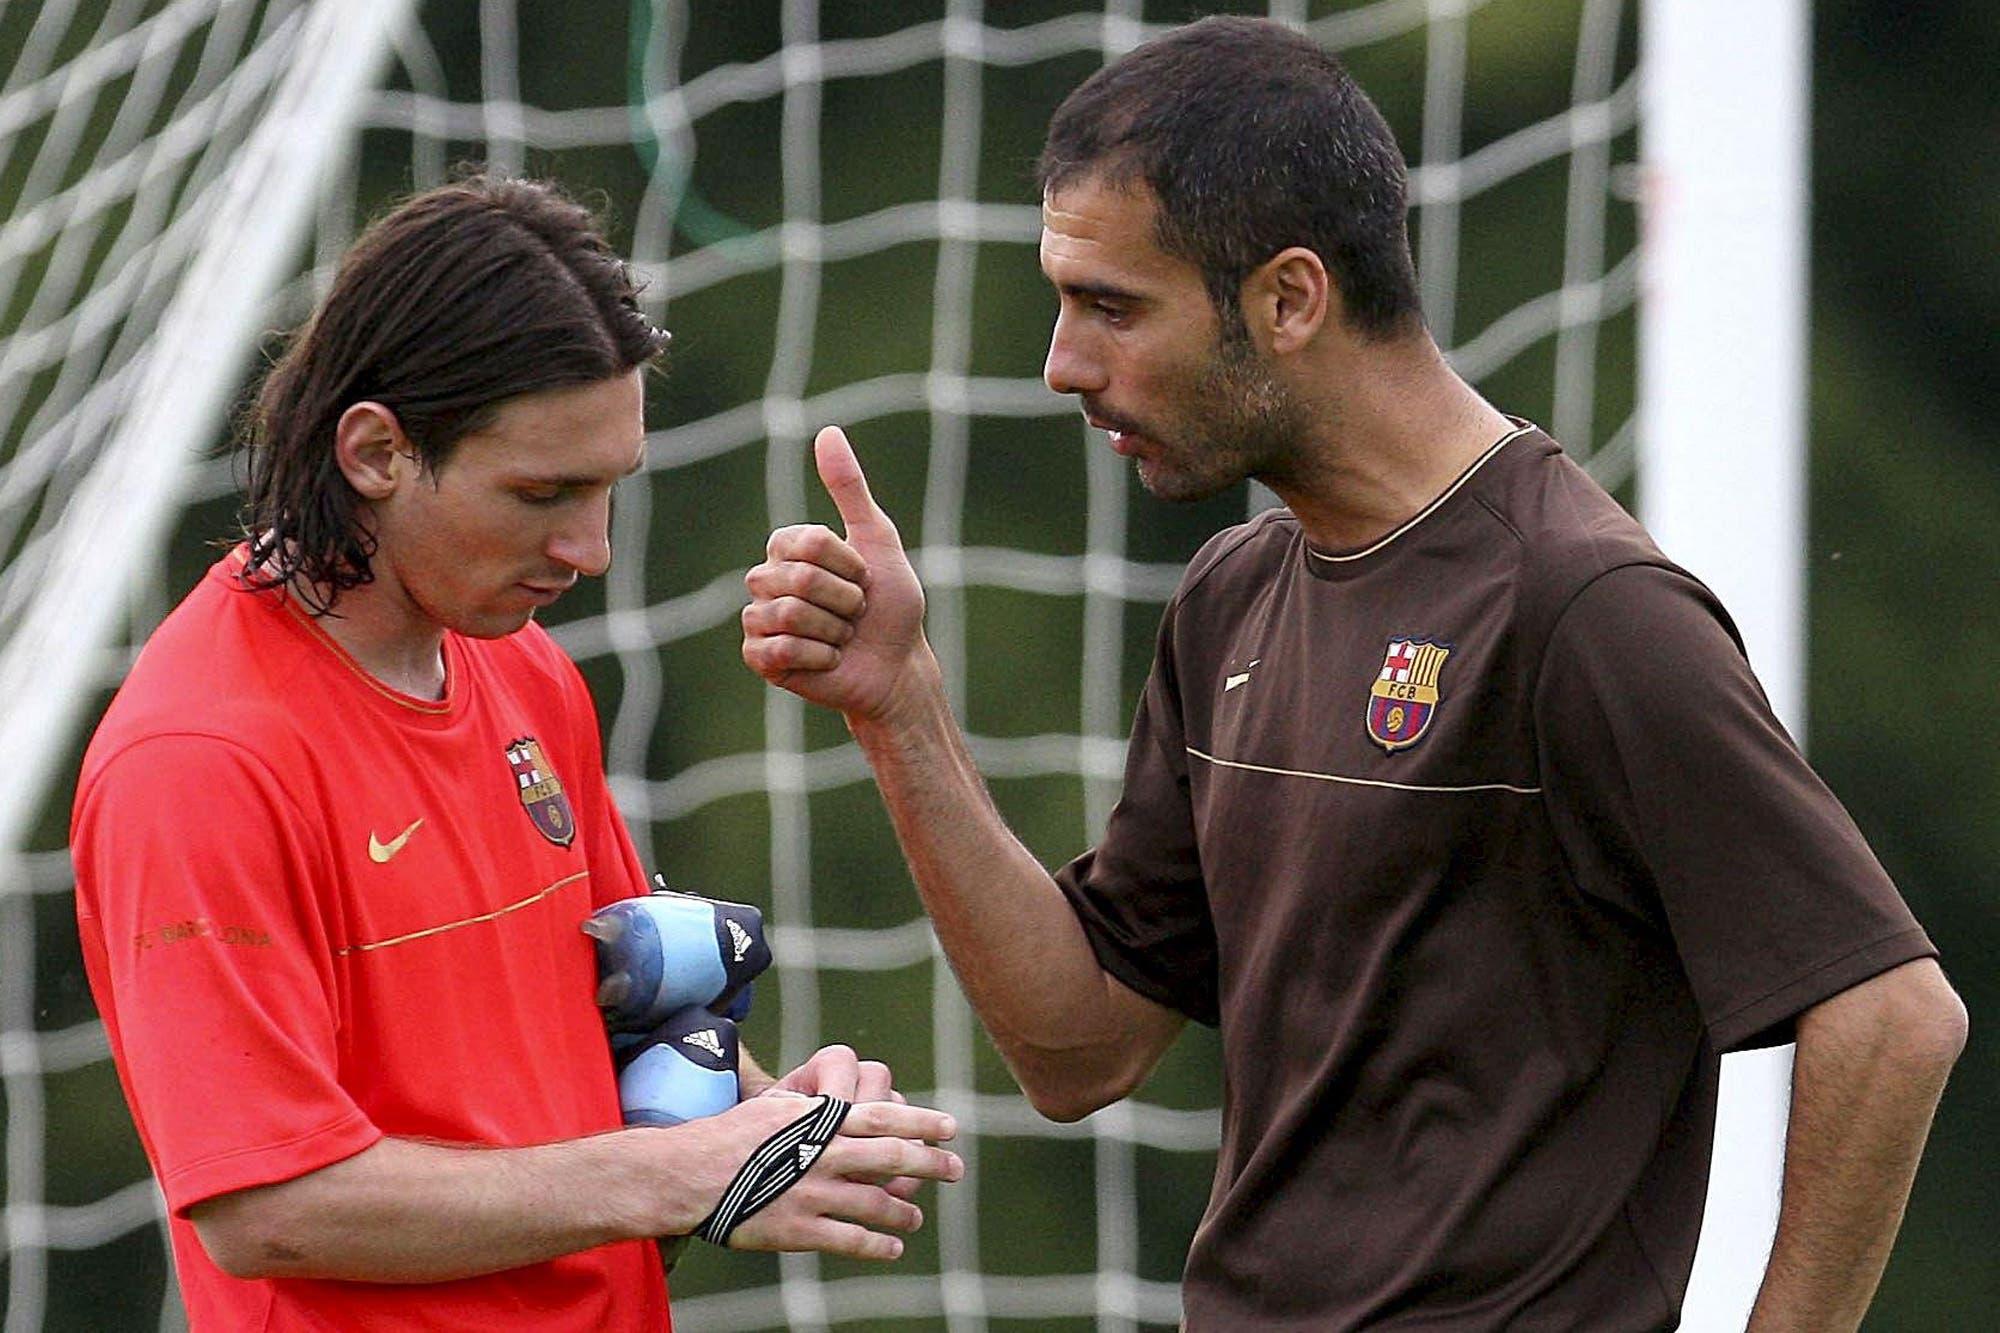 Descreído: Pep Guardiola contó qué pensó el día en que conoció a Lionel Messi